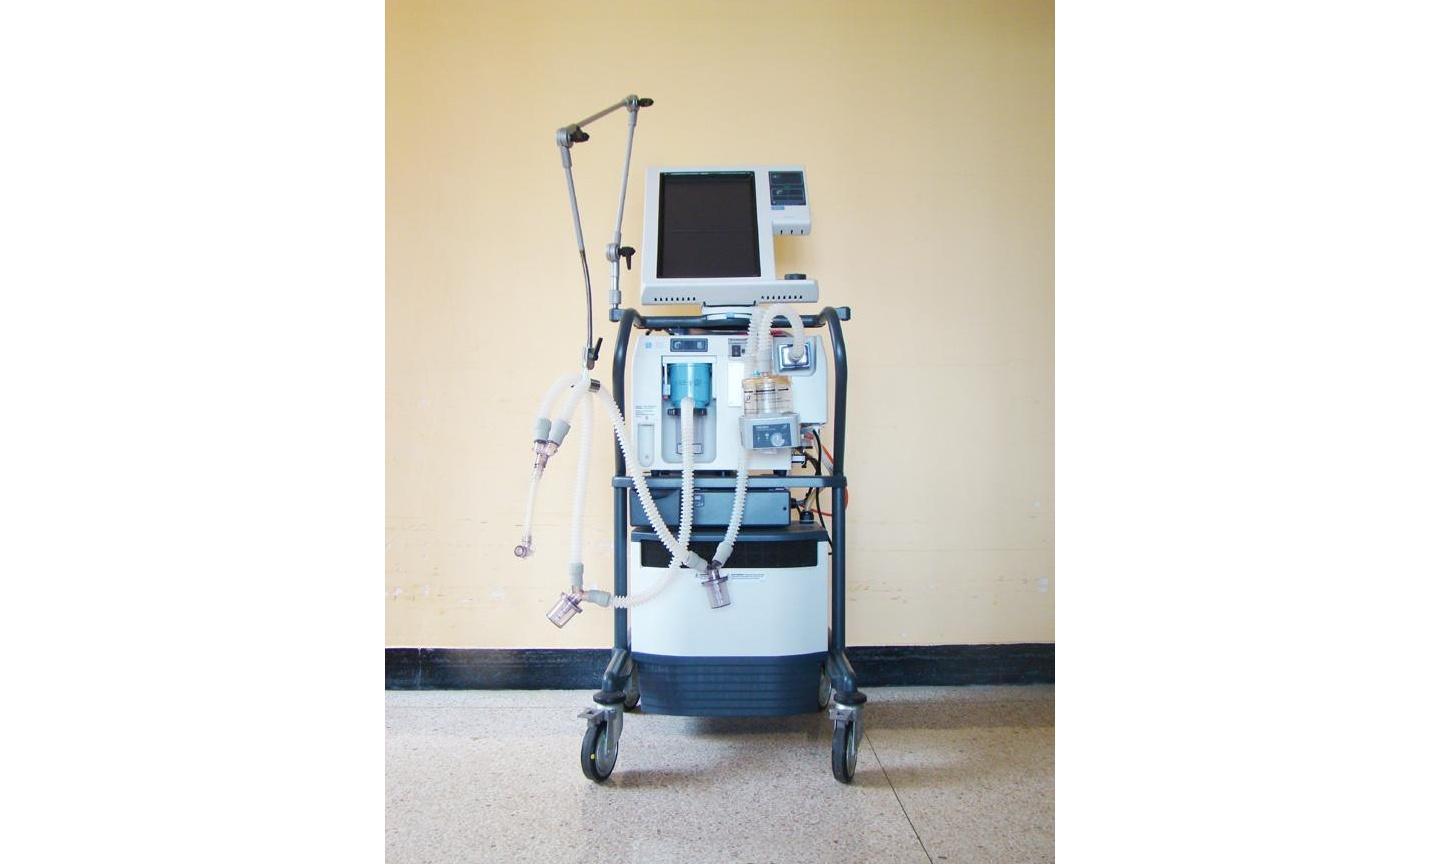 安庆市立医院新院区有创呼吸机采购项目二次招标